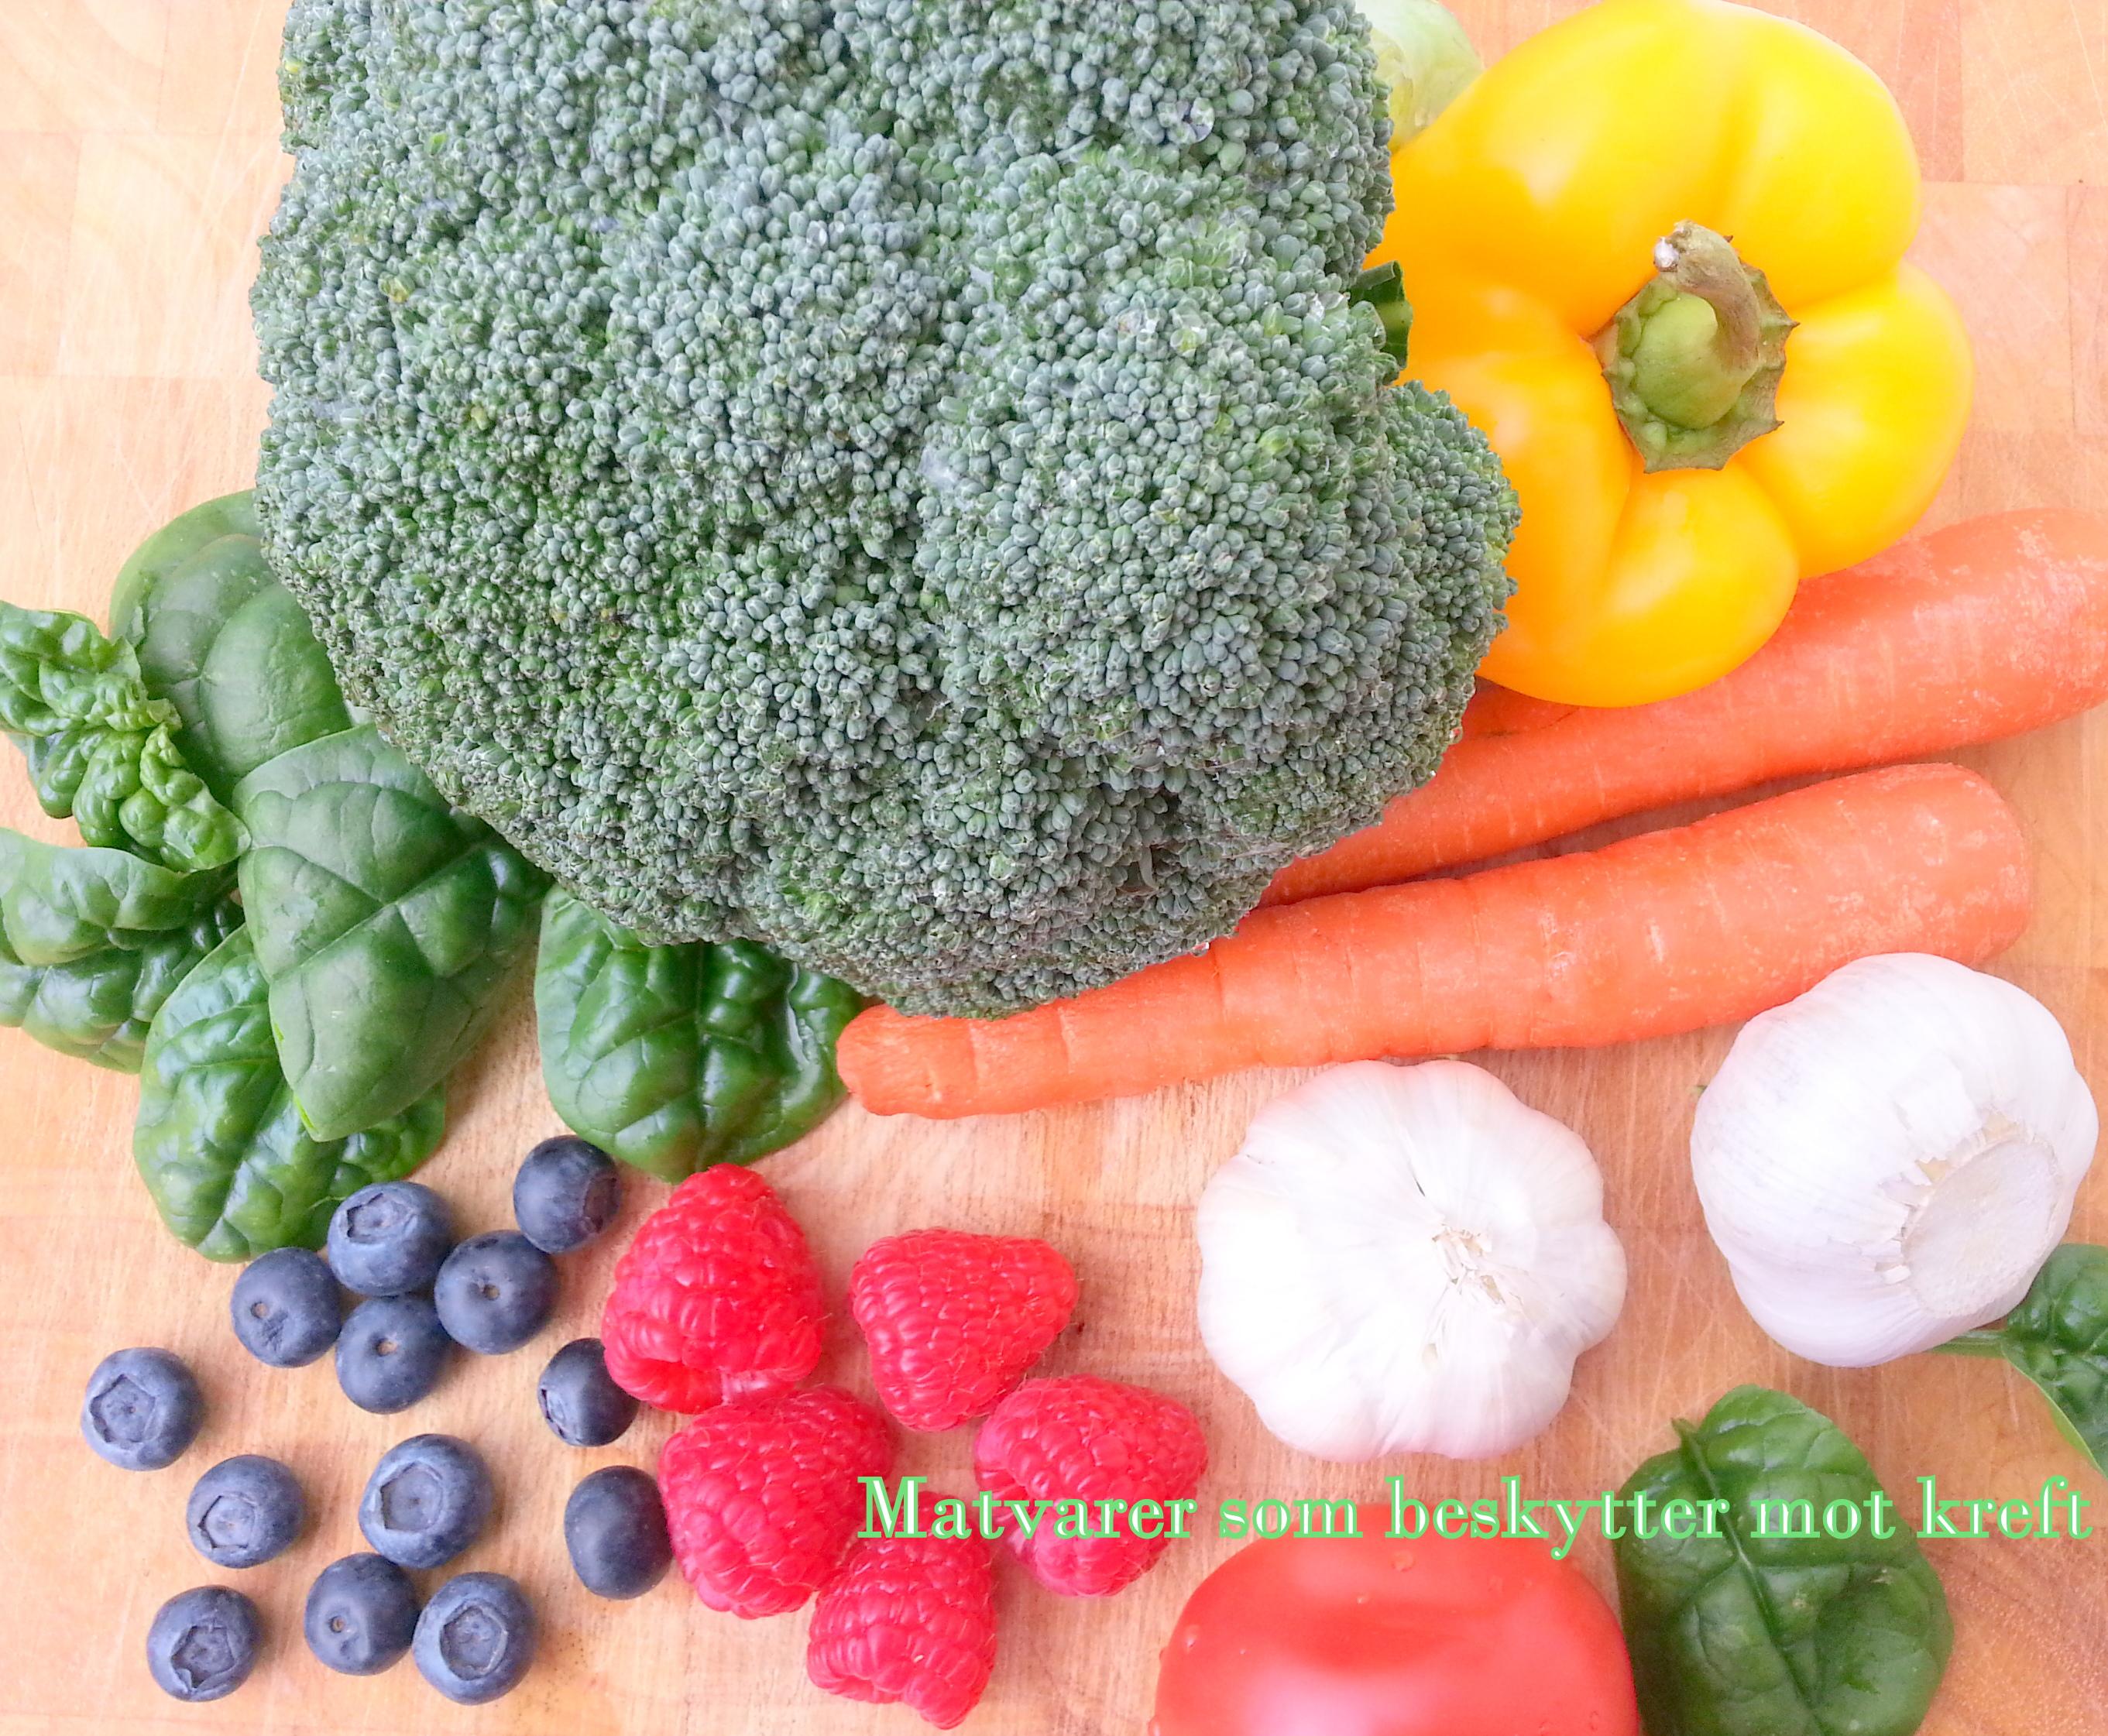 Matvarer som beskytter mot kreft